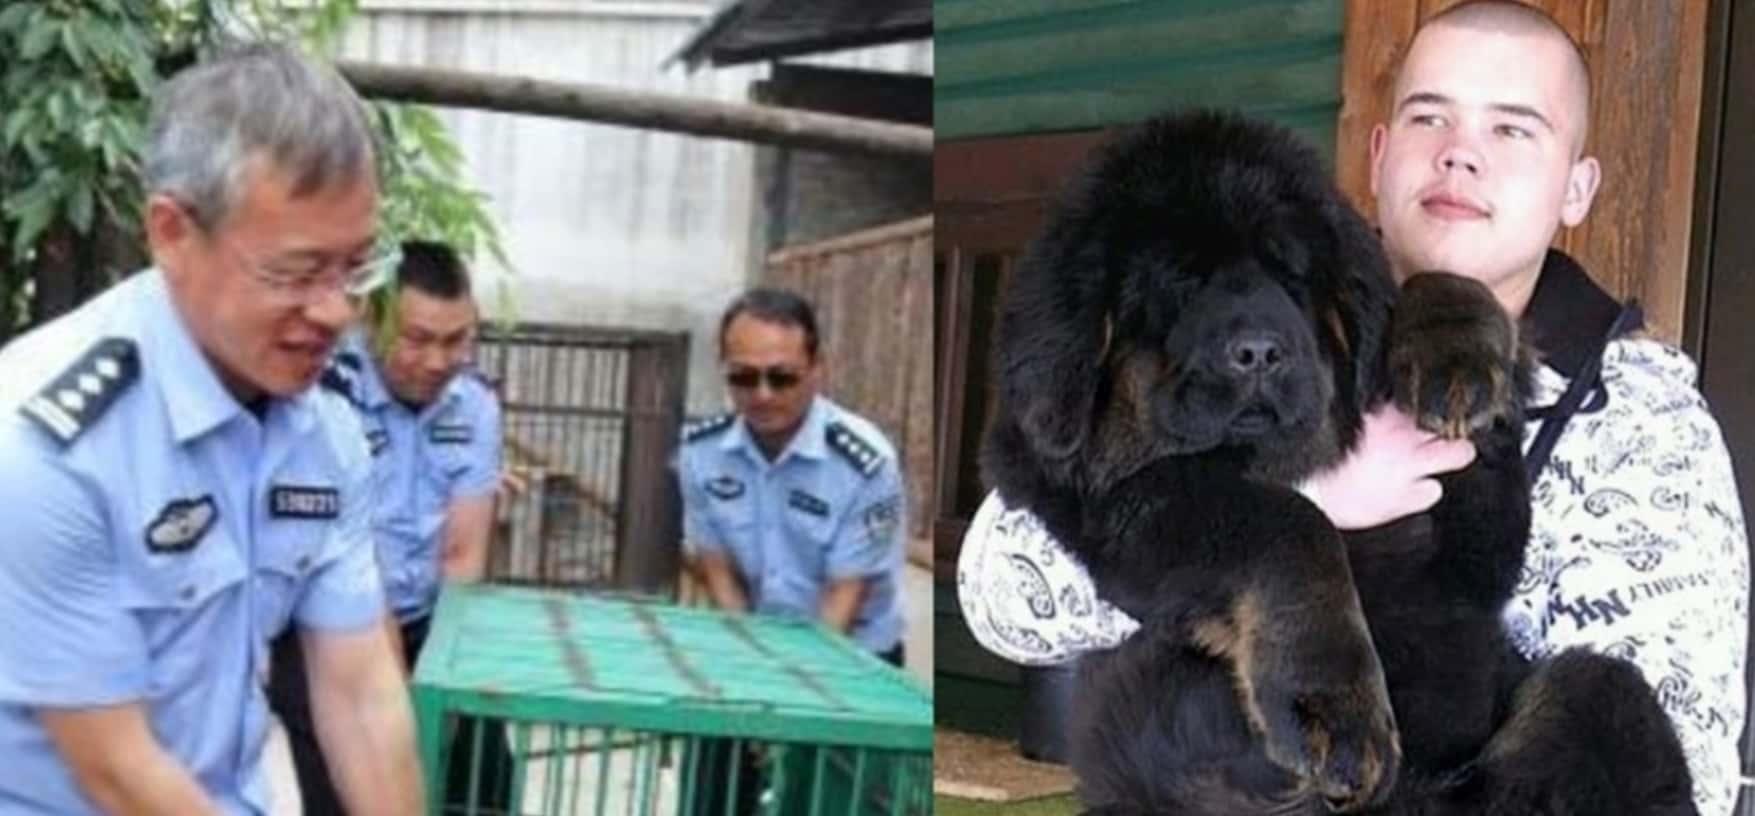 旅行先で子犬を拾いペットとして飼うことにしたある中国人家族。しかしその犬には誰もが驚くような秘密が隠されていたのです。